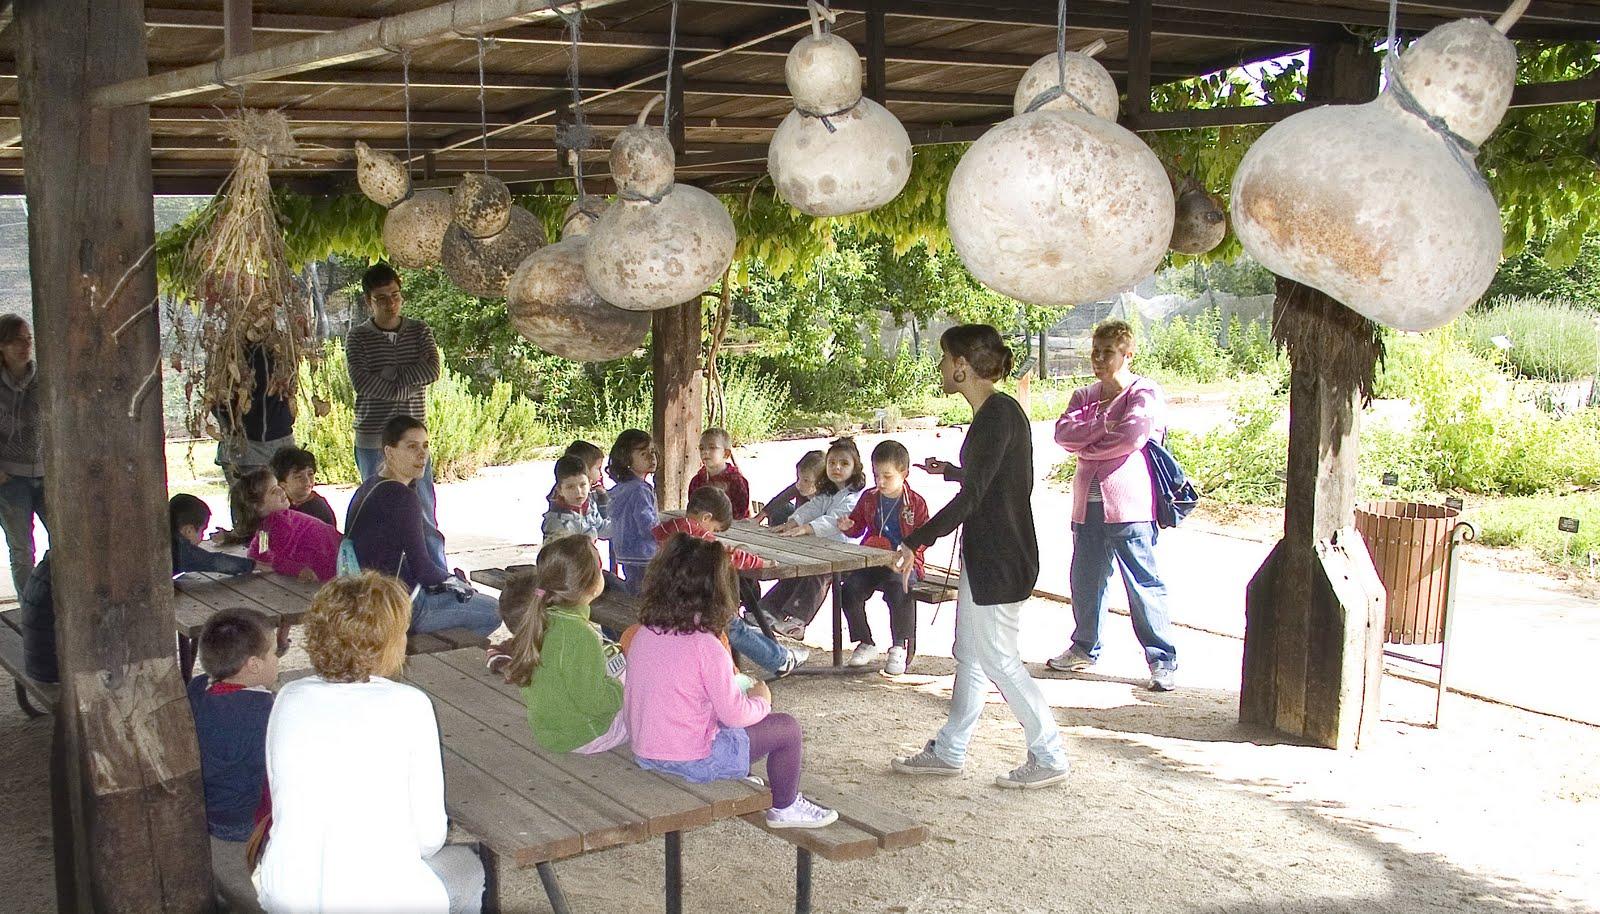 Familias y amigos de platero visita al jard n bot nico for Como ir al jardin botanico